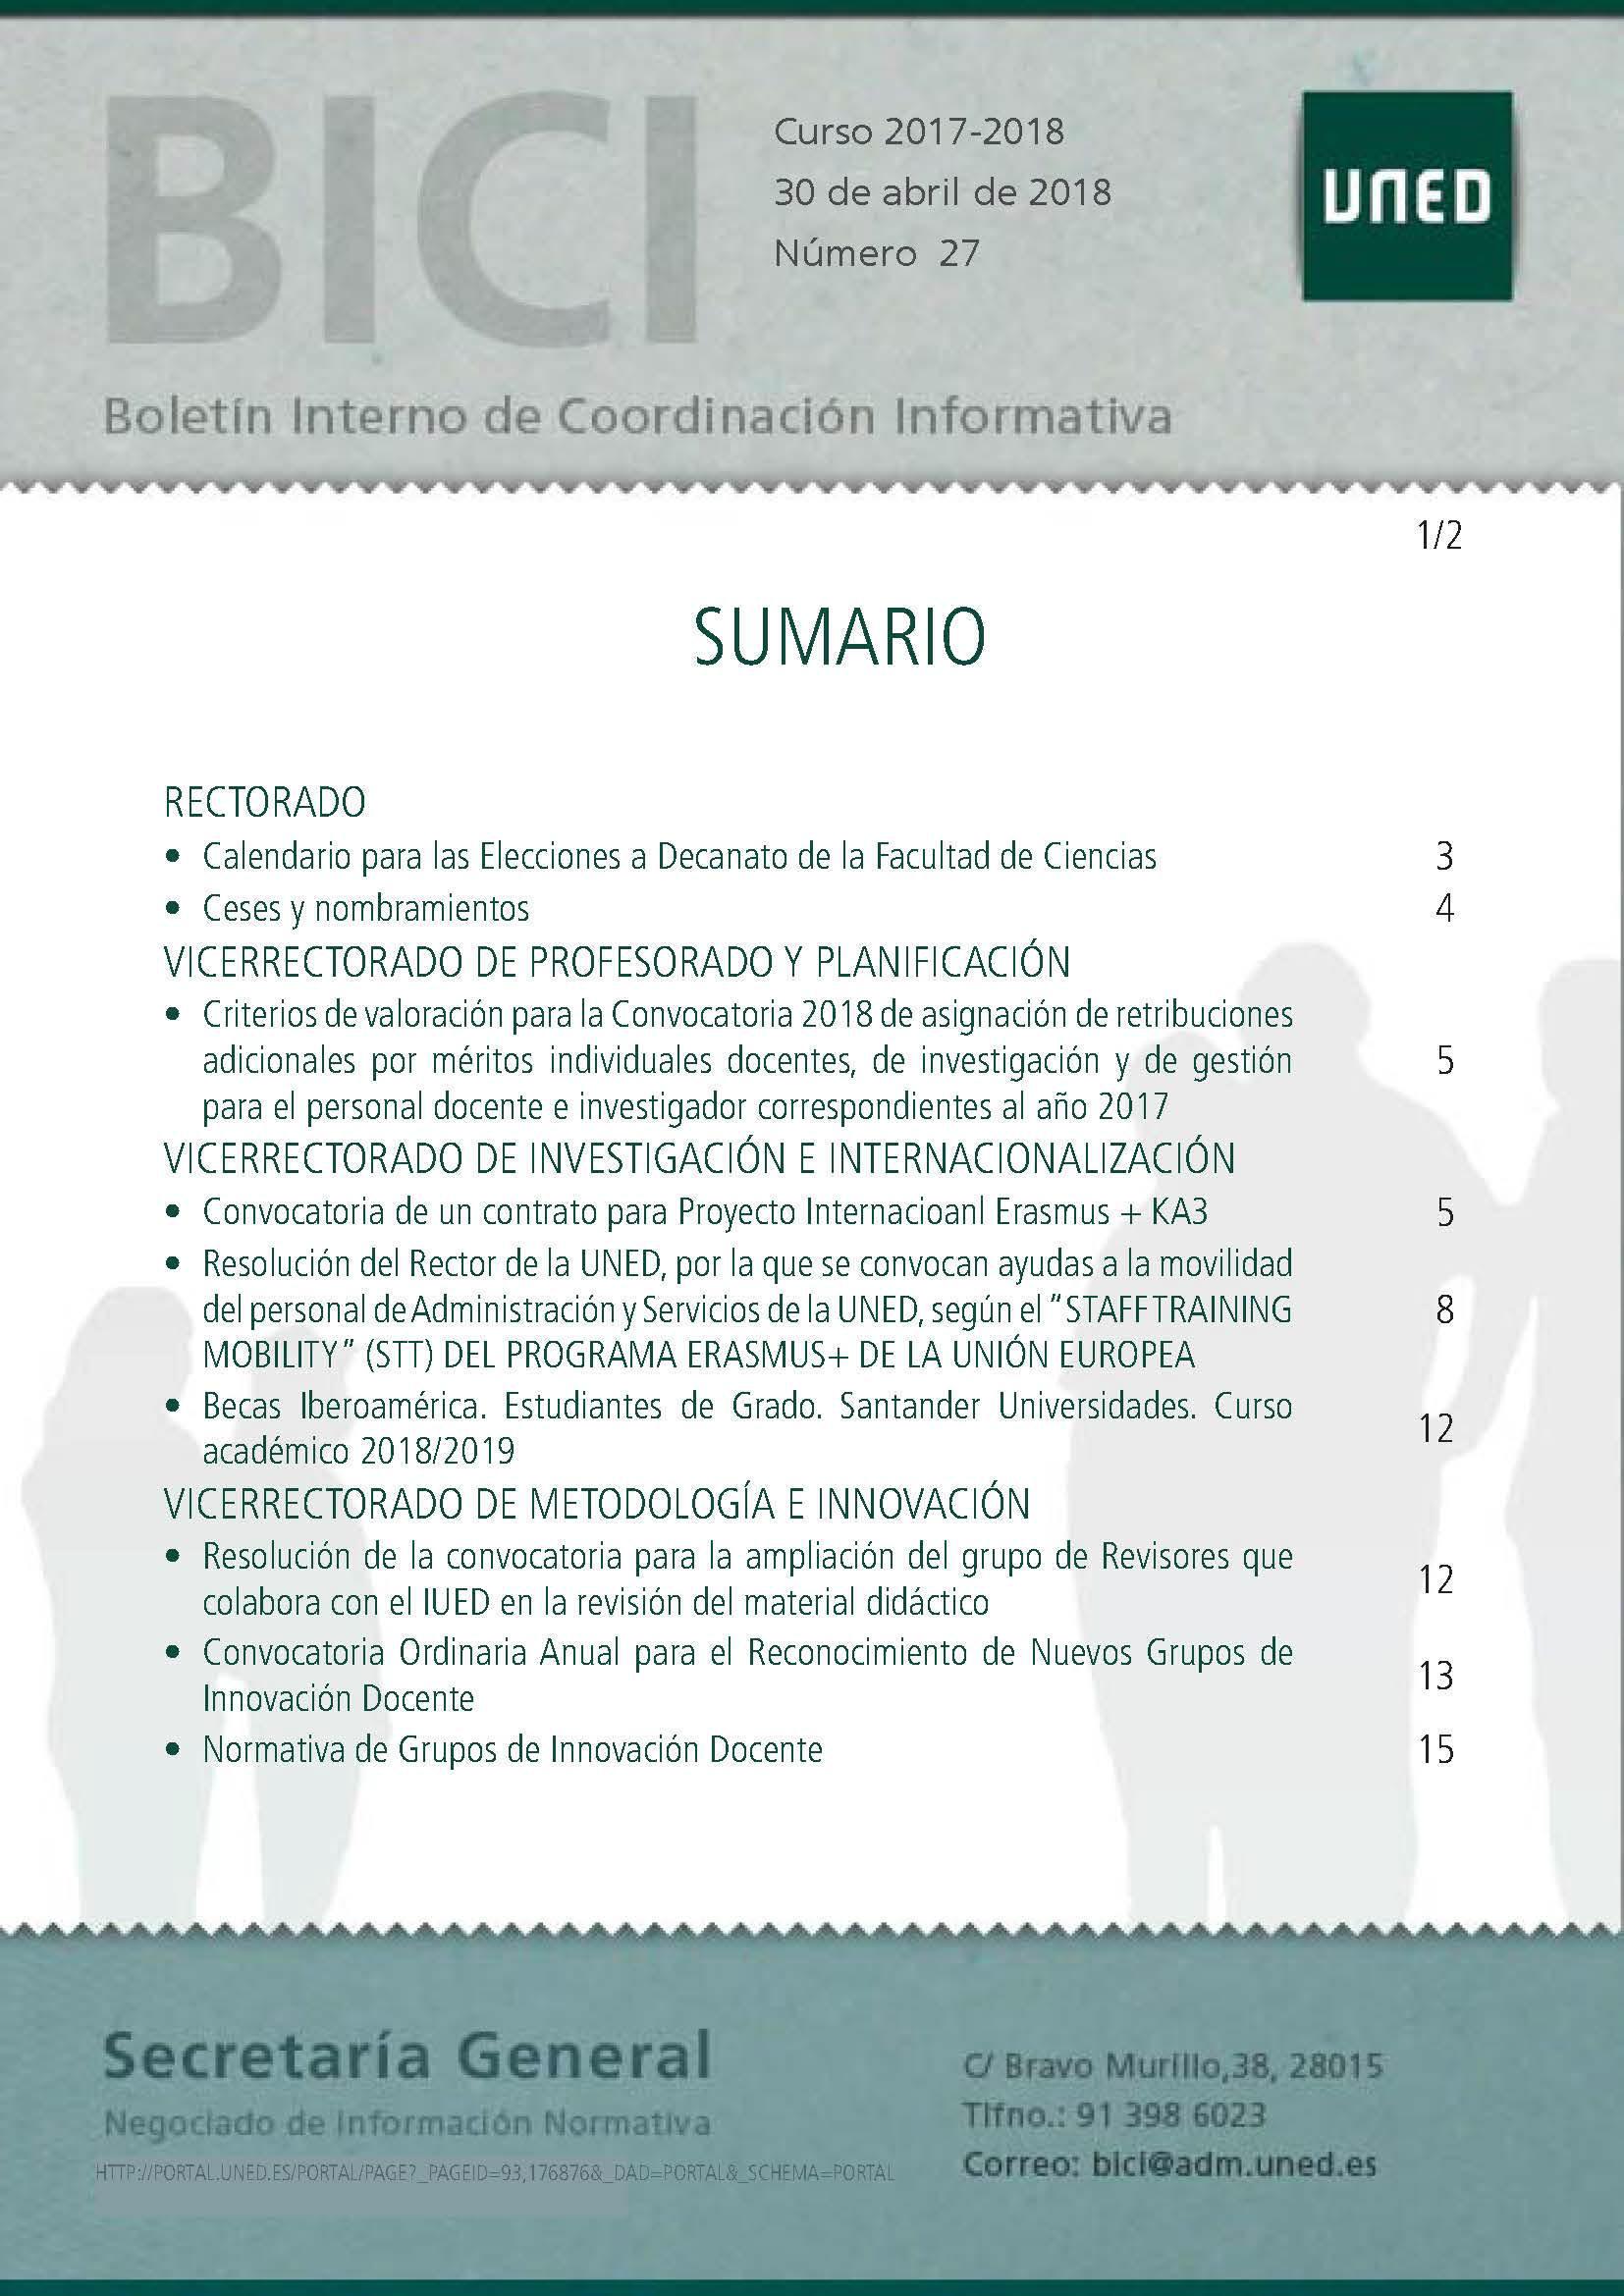 https://www2.uned.es/bici/Curso2018-2019/190722/IMAGENSUMARIO%20cambiar%20tamano%20a%2044x55.jpg